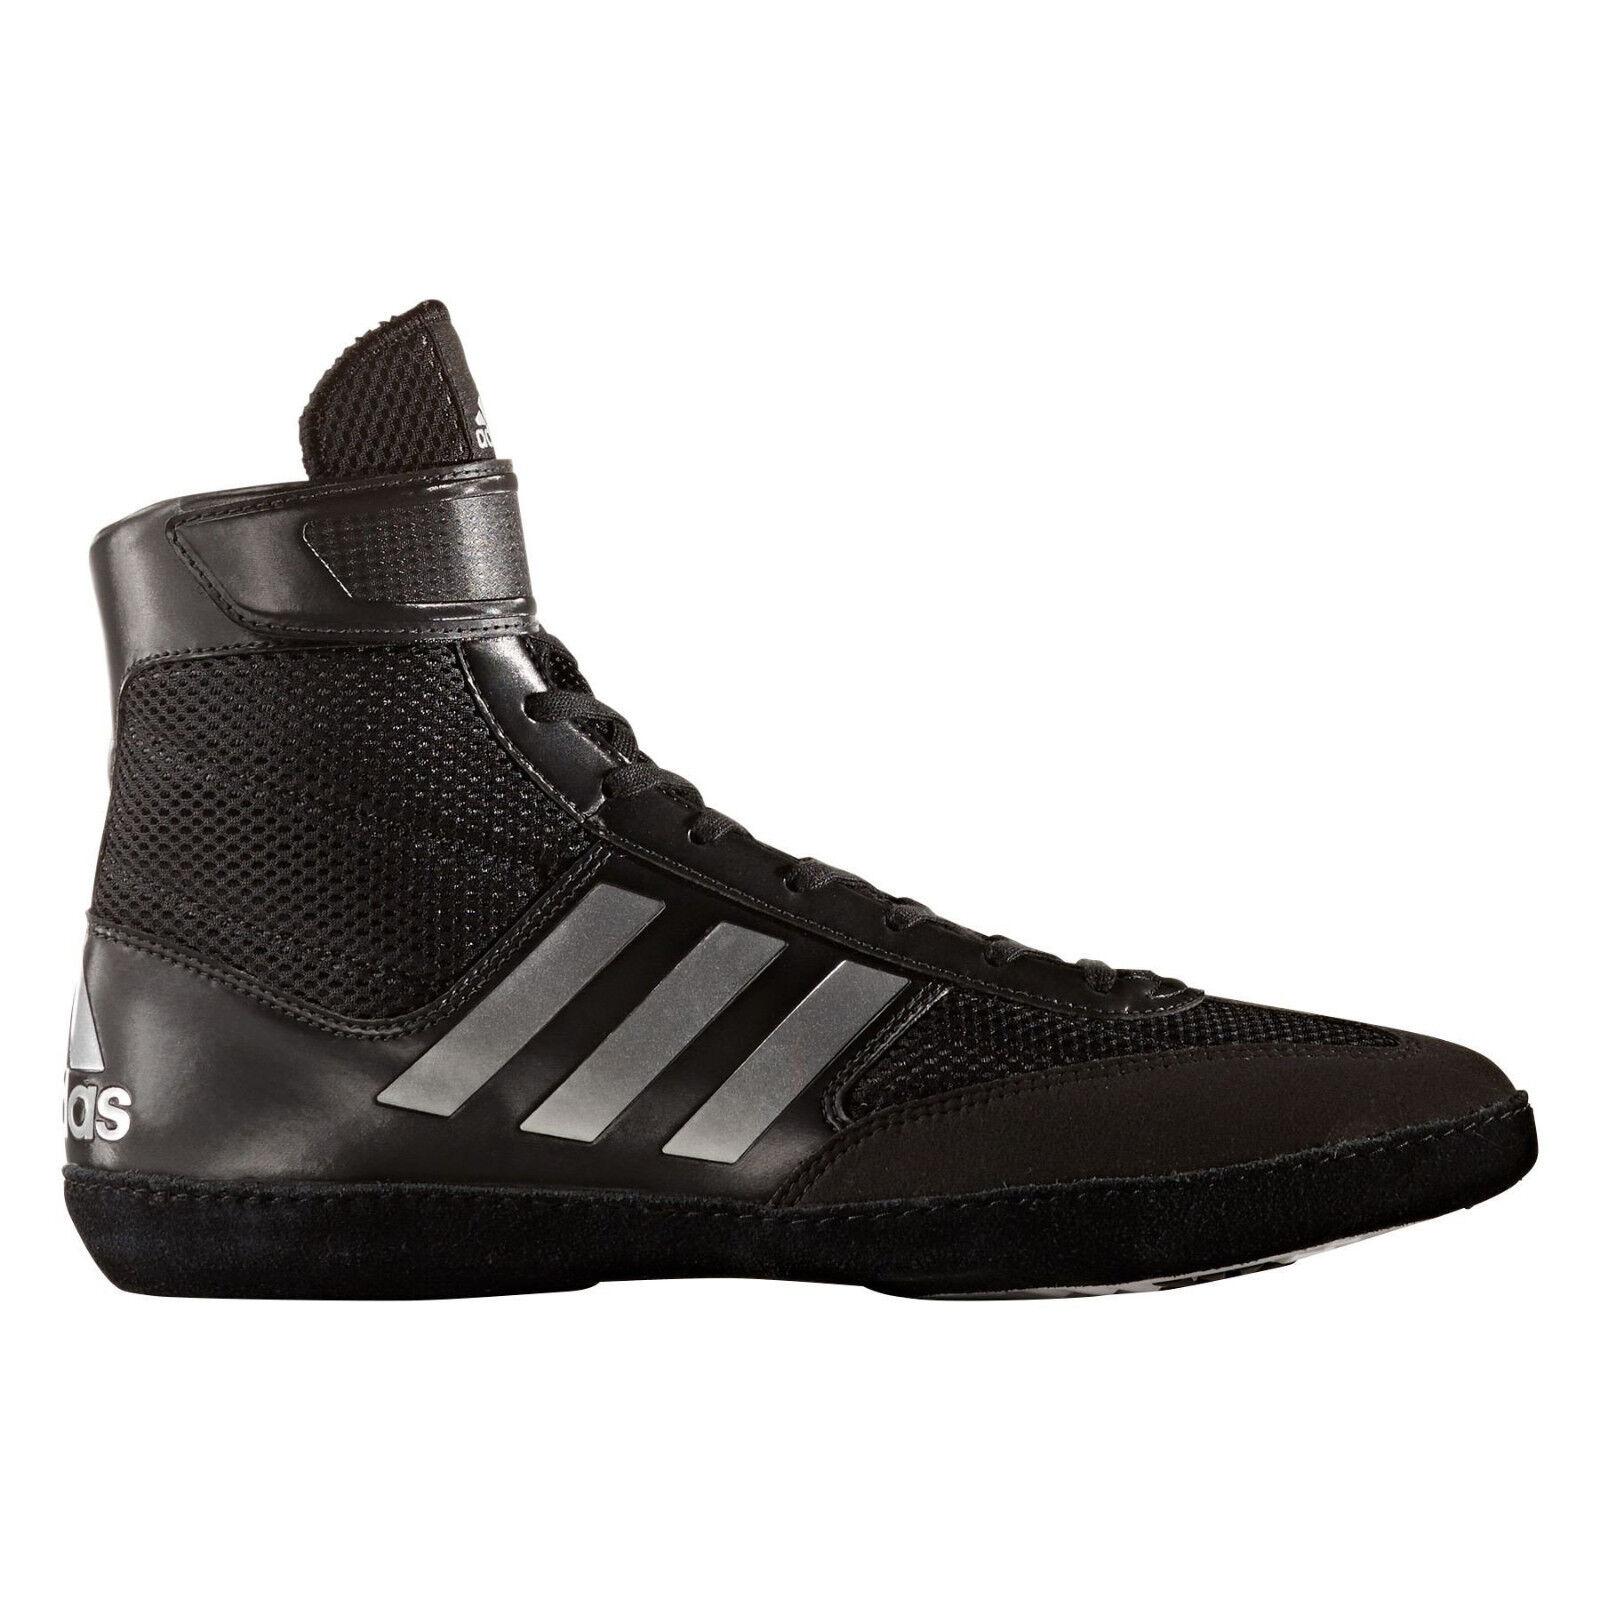 super popular 34a8f 69030 Adidas Combat Speed 5 negro zapatos de lucha lucha lucha o boxeo Adulto  Para hombres Zapatos